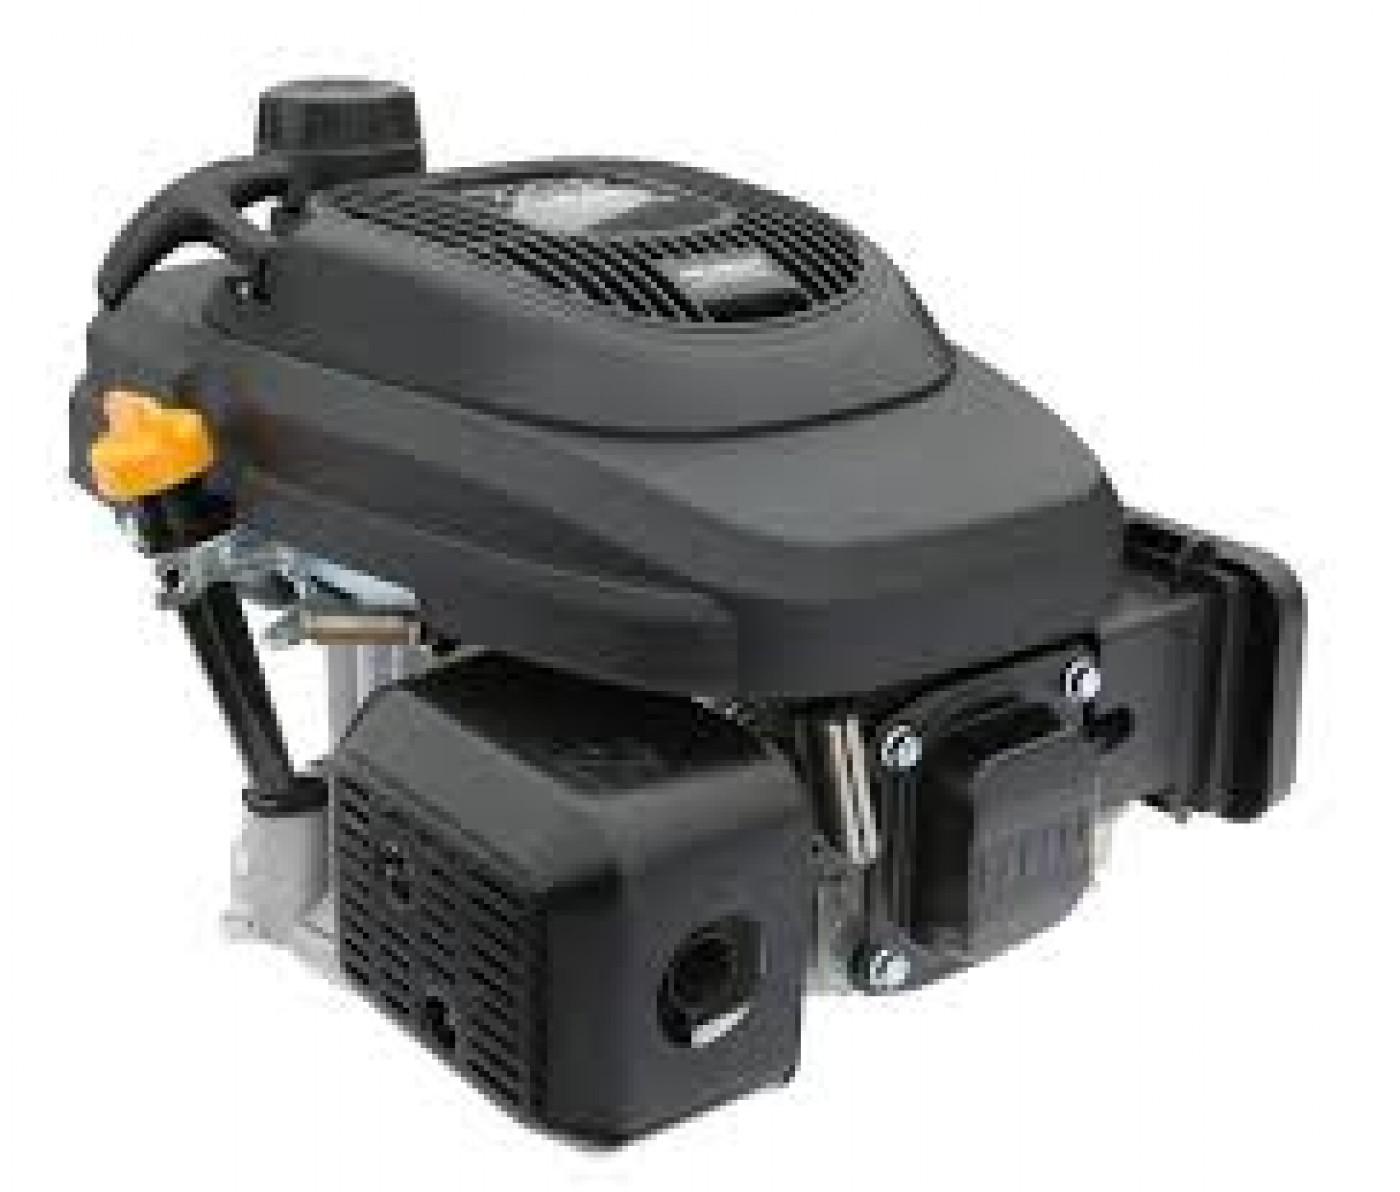 Motor ZONGSHEN XP200A 196cc 6,5 HP vertikální hřídel 22,2mm 50mm - Náhrada za motory JIKOV